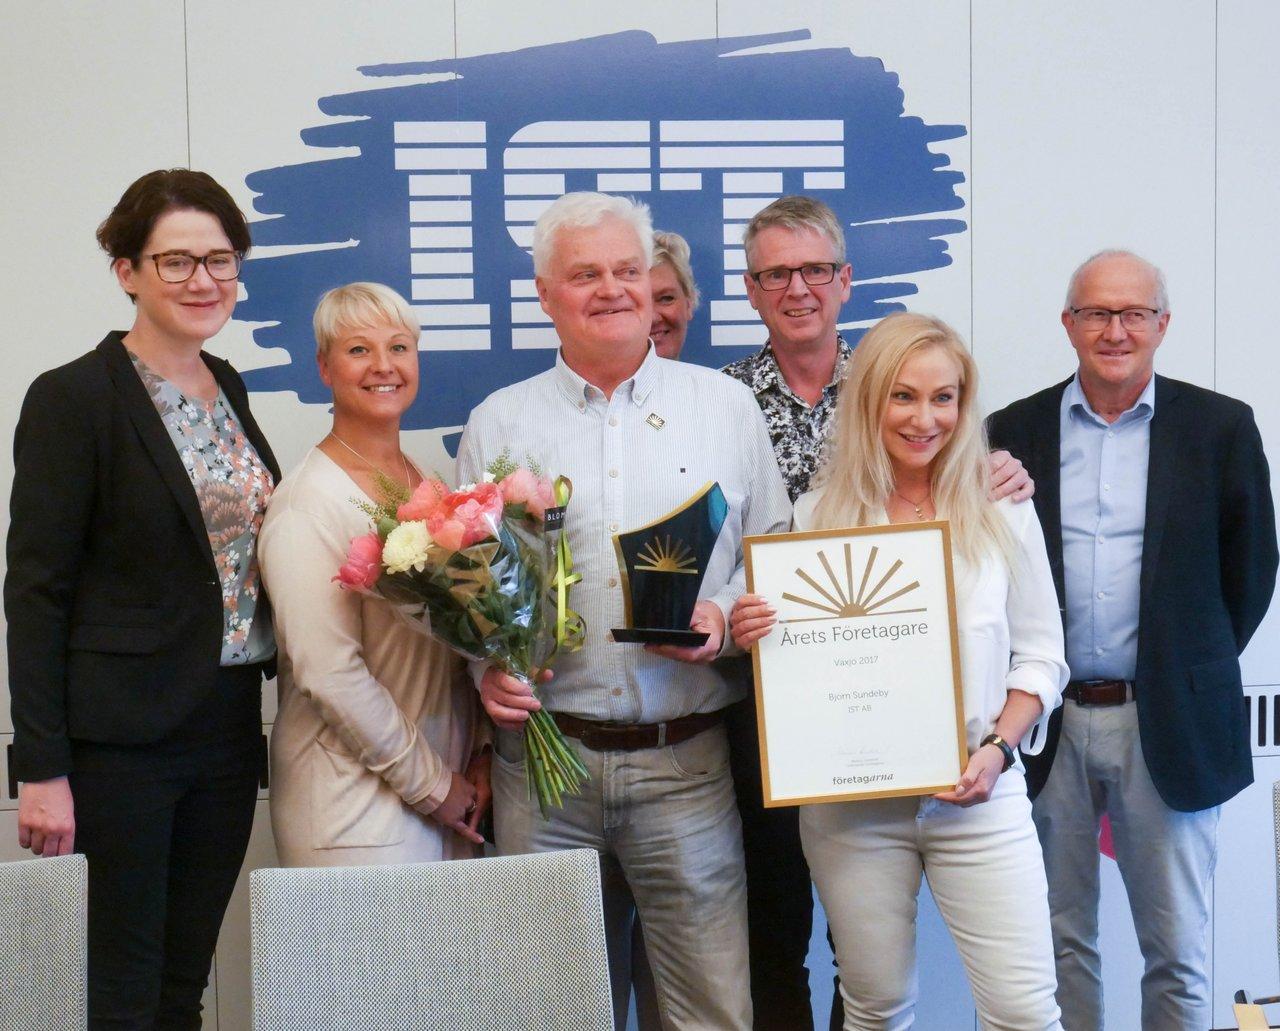 Årets företagare Växjö kommun-1040137